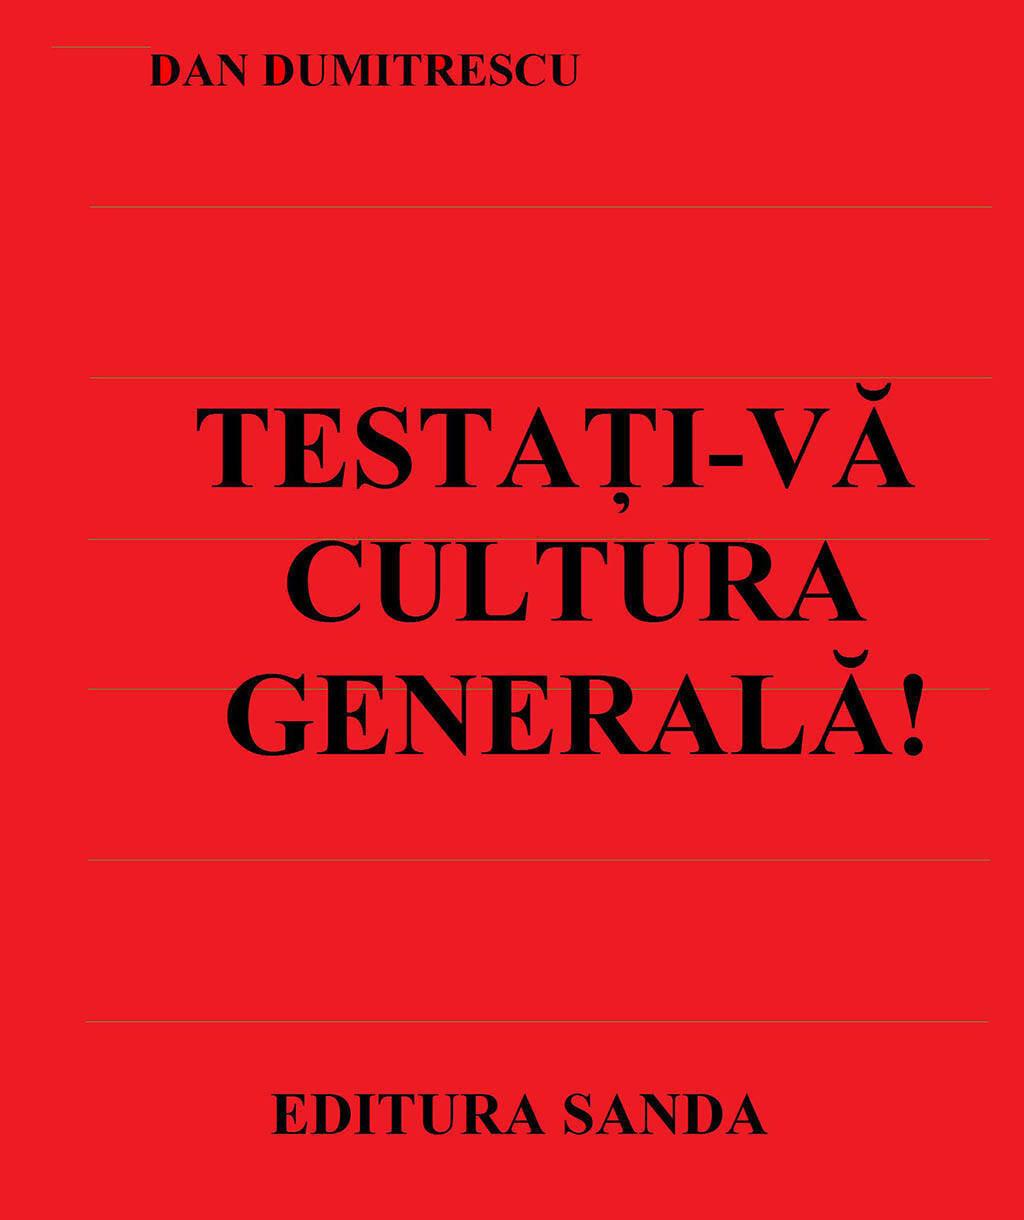 Testati-va cultura generala! (eBook)